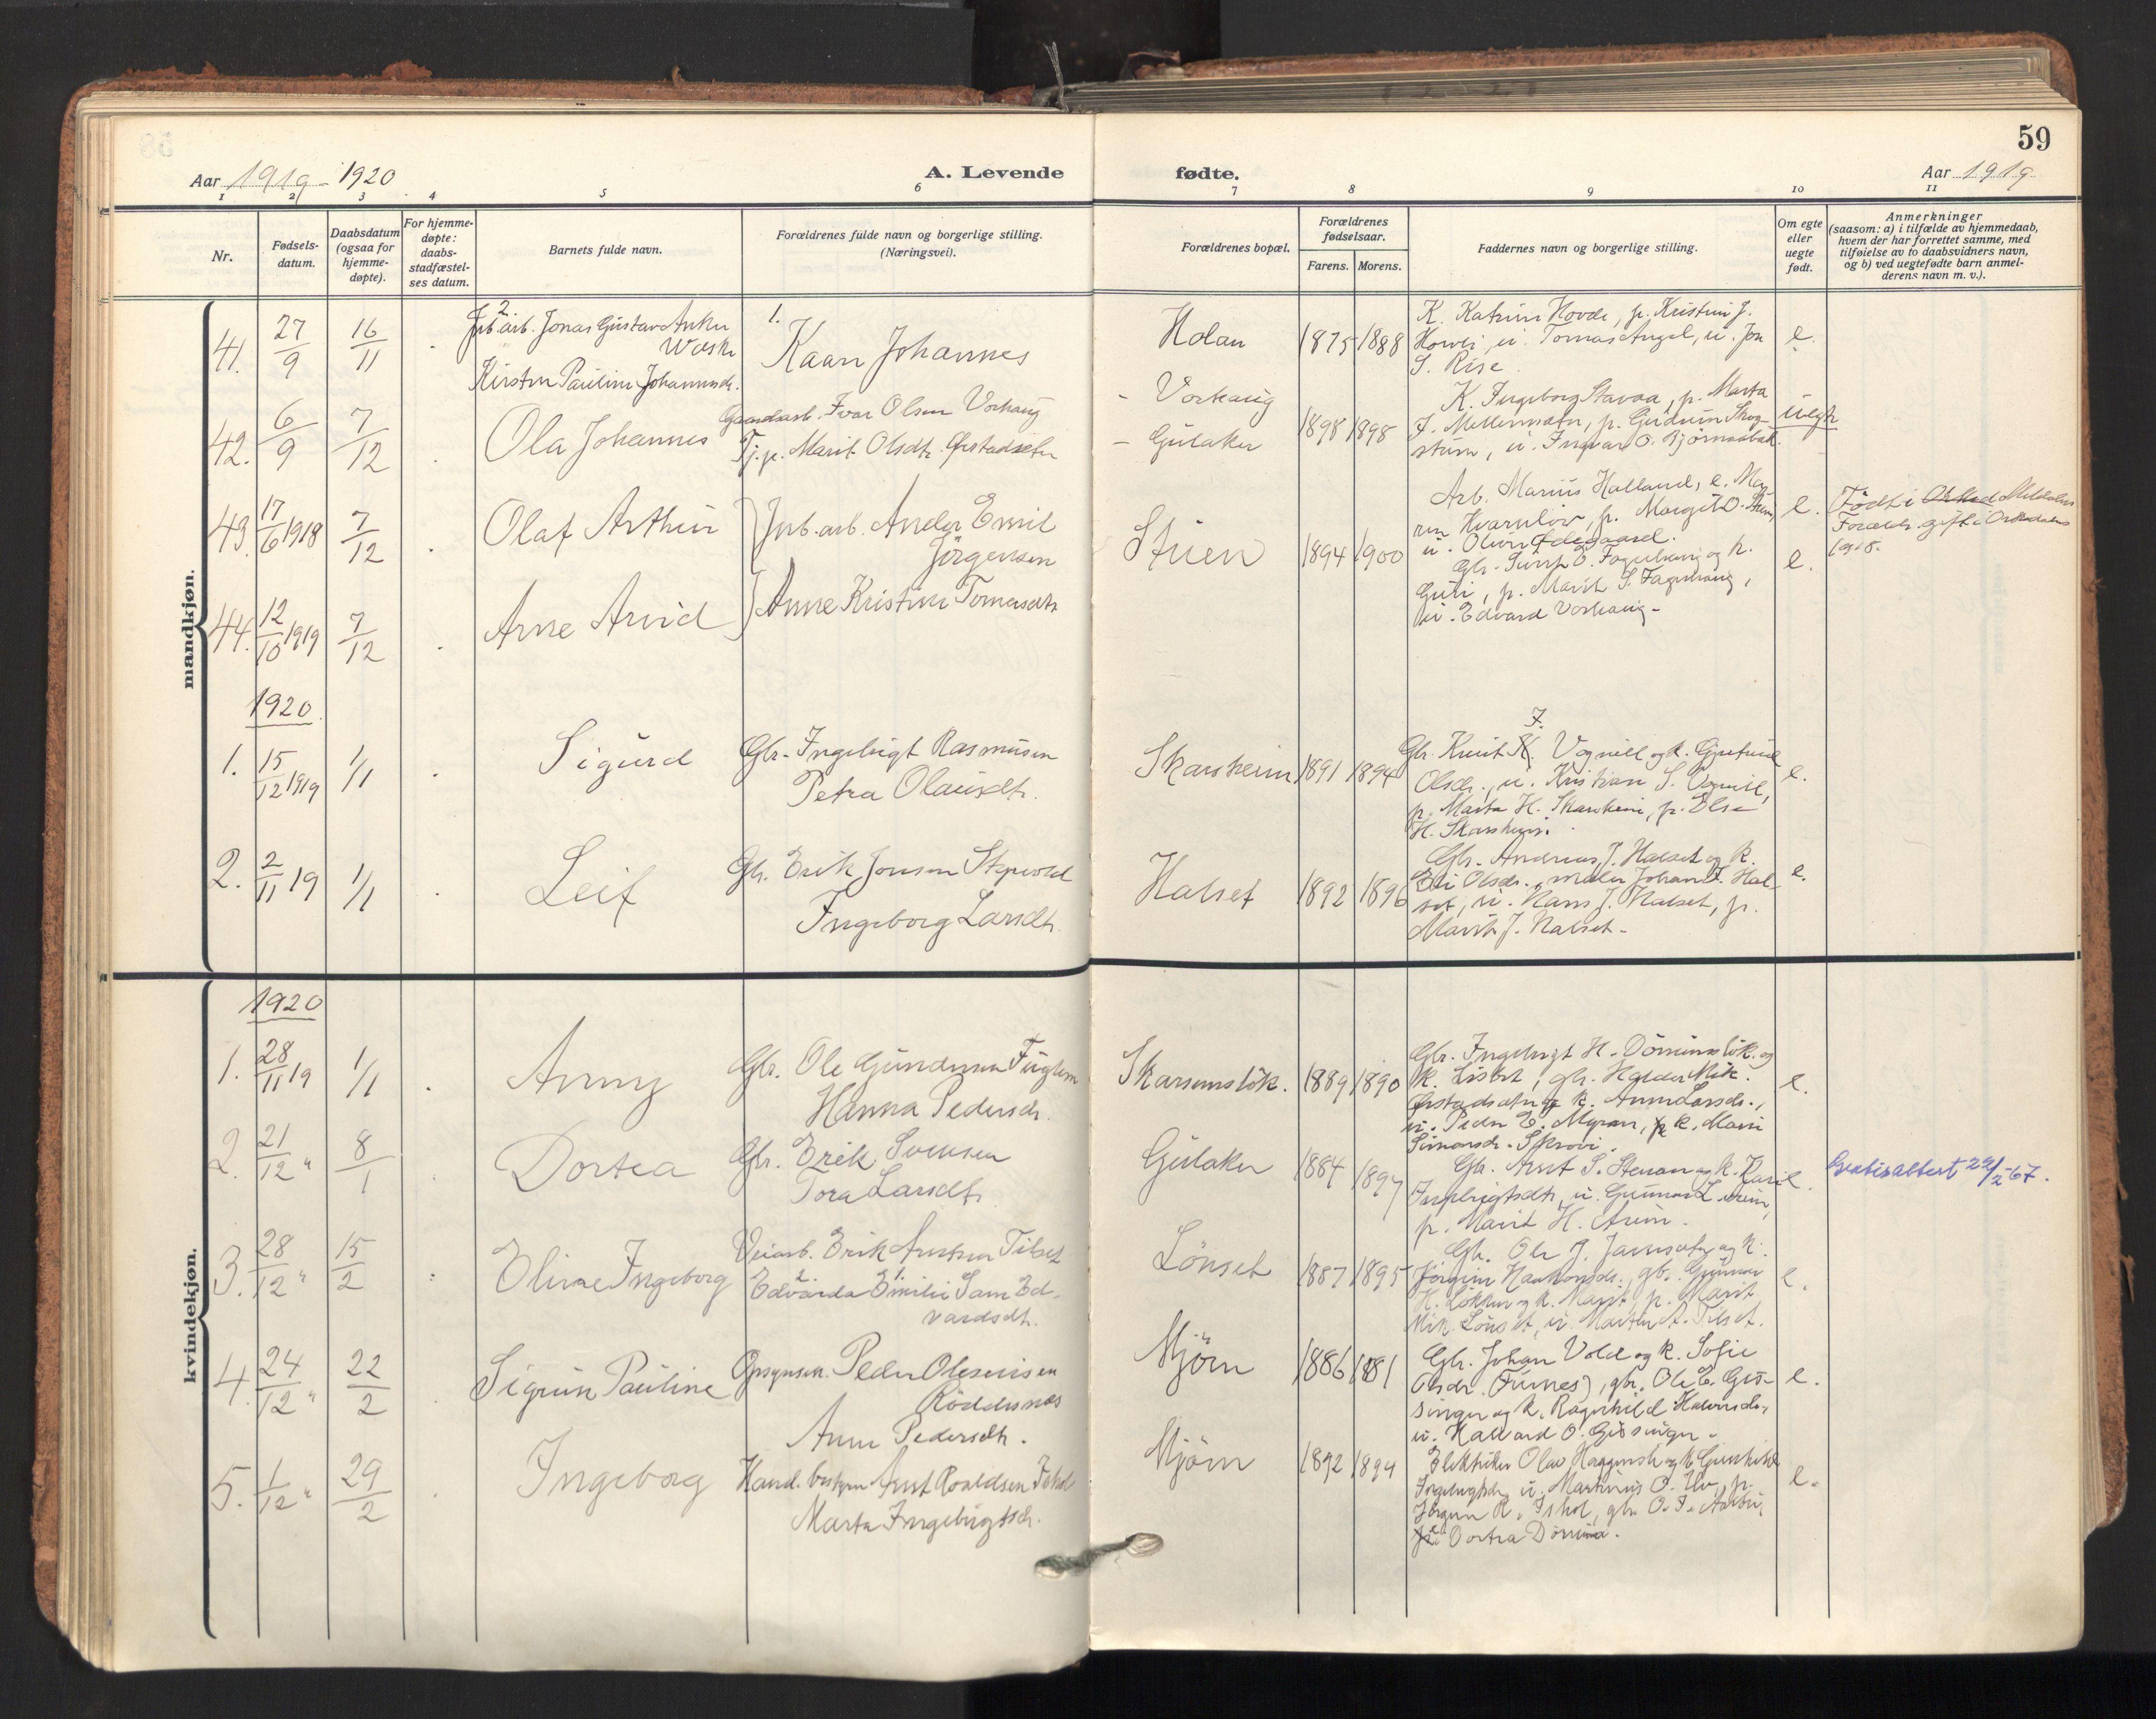 SAT, Ministerialprotokoller, klokkerbøker og fødselsregistre - Sør-Trøndelag, 678/L0909: Ministerialbok nr. 678A17, 1912-1930, s. 59